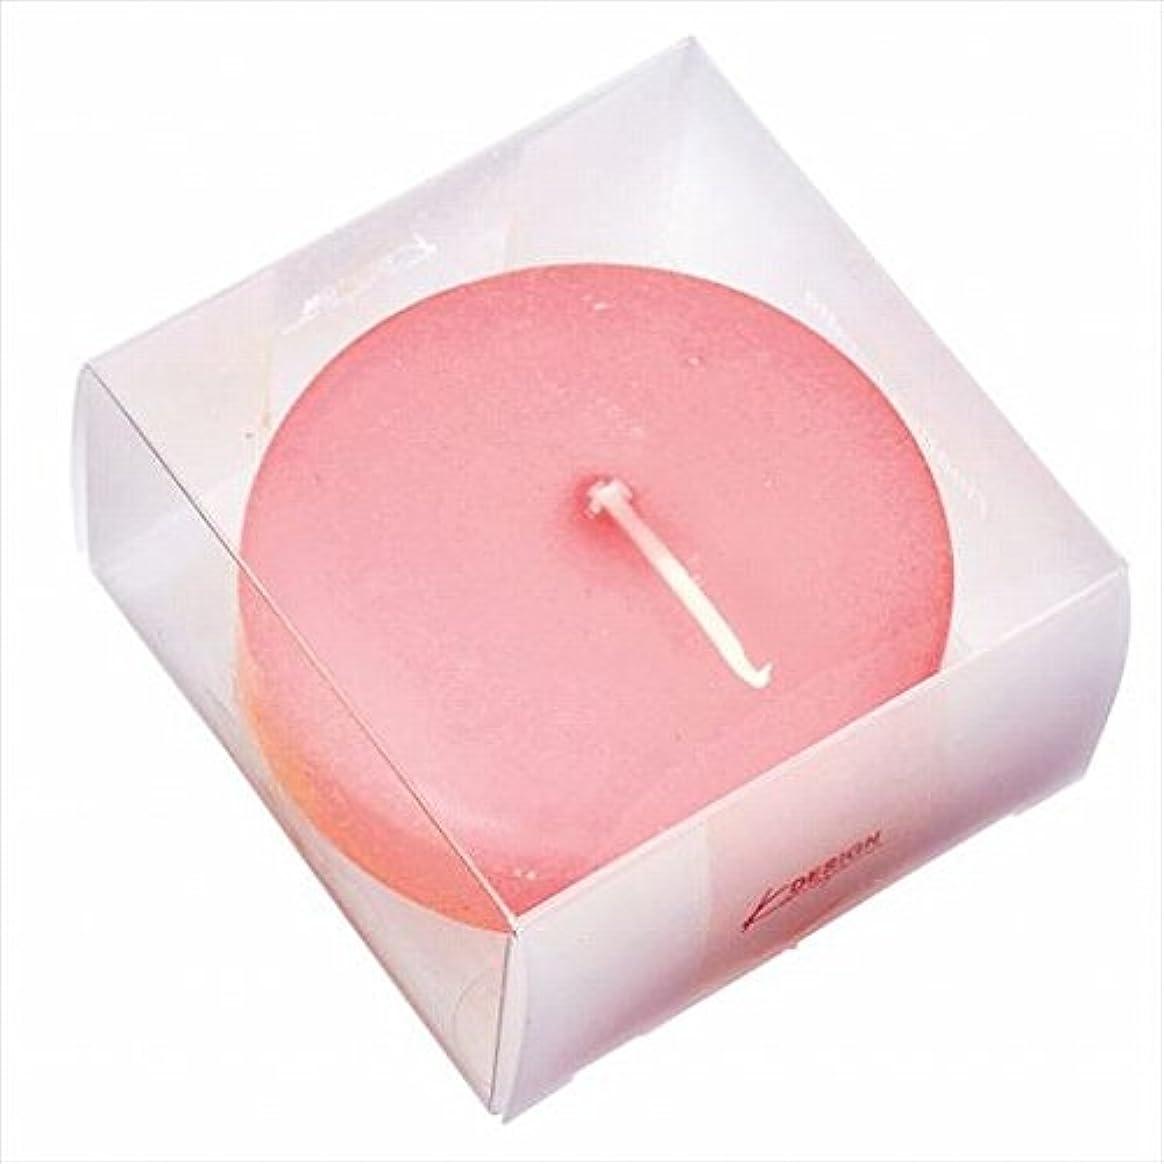 診断する放映小川カメヤマキャンドル(kameyama candle) プール80(箱入り) 「 ピーチアンバ 」